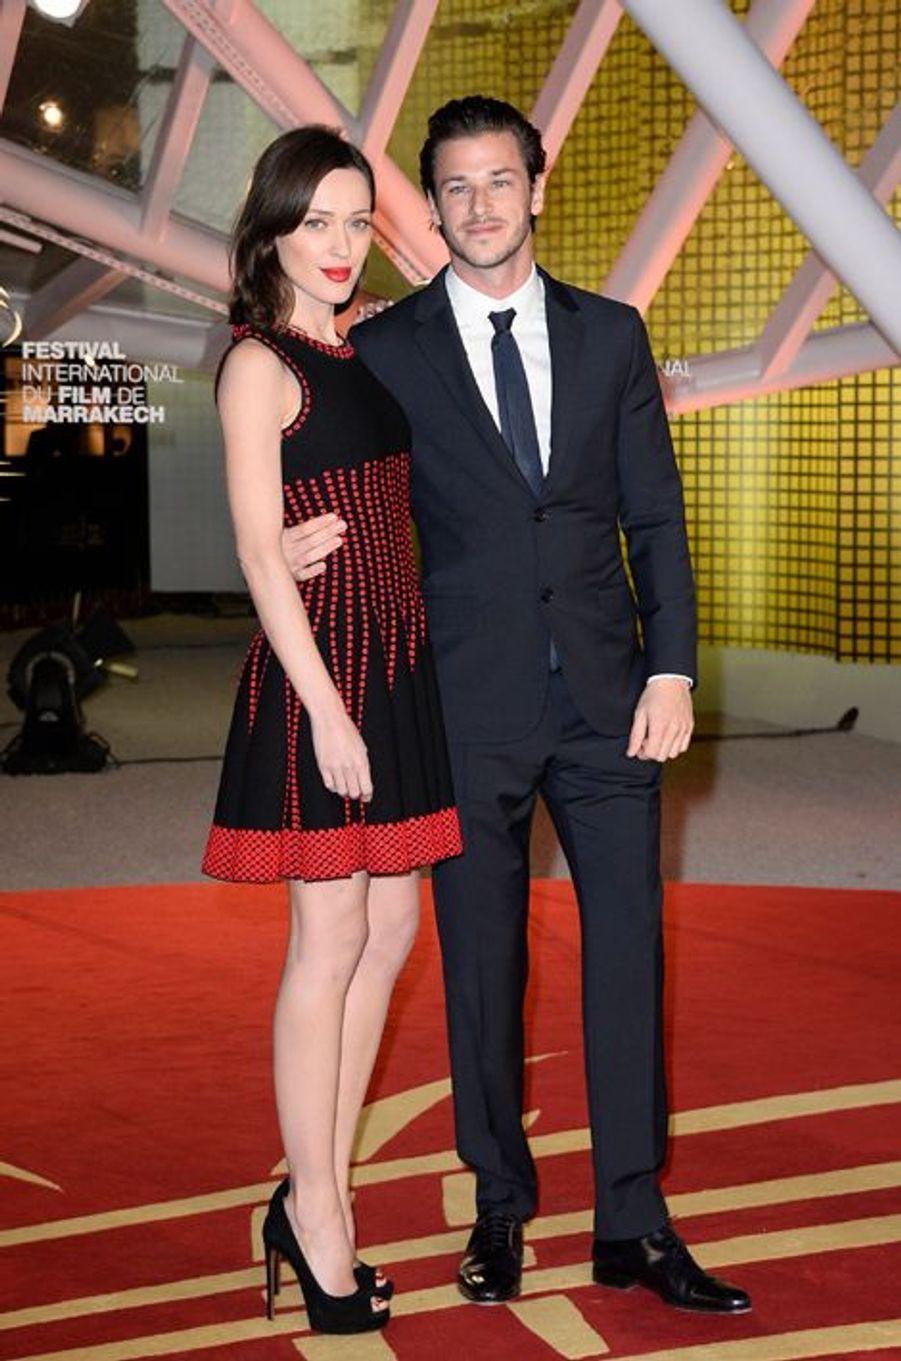 L'acteur Gaspard Ulliel et sa compagne, la chanteuse et mannequin Gaëlle Pietri, attendent leur premier enfant.